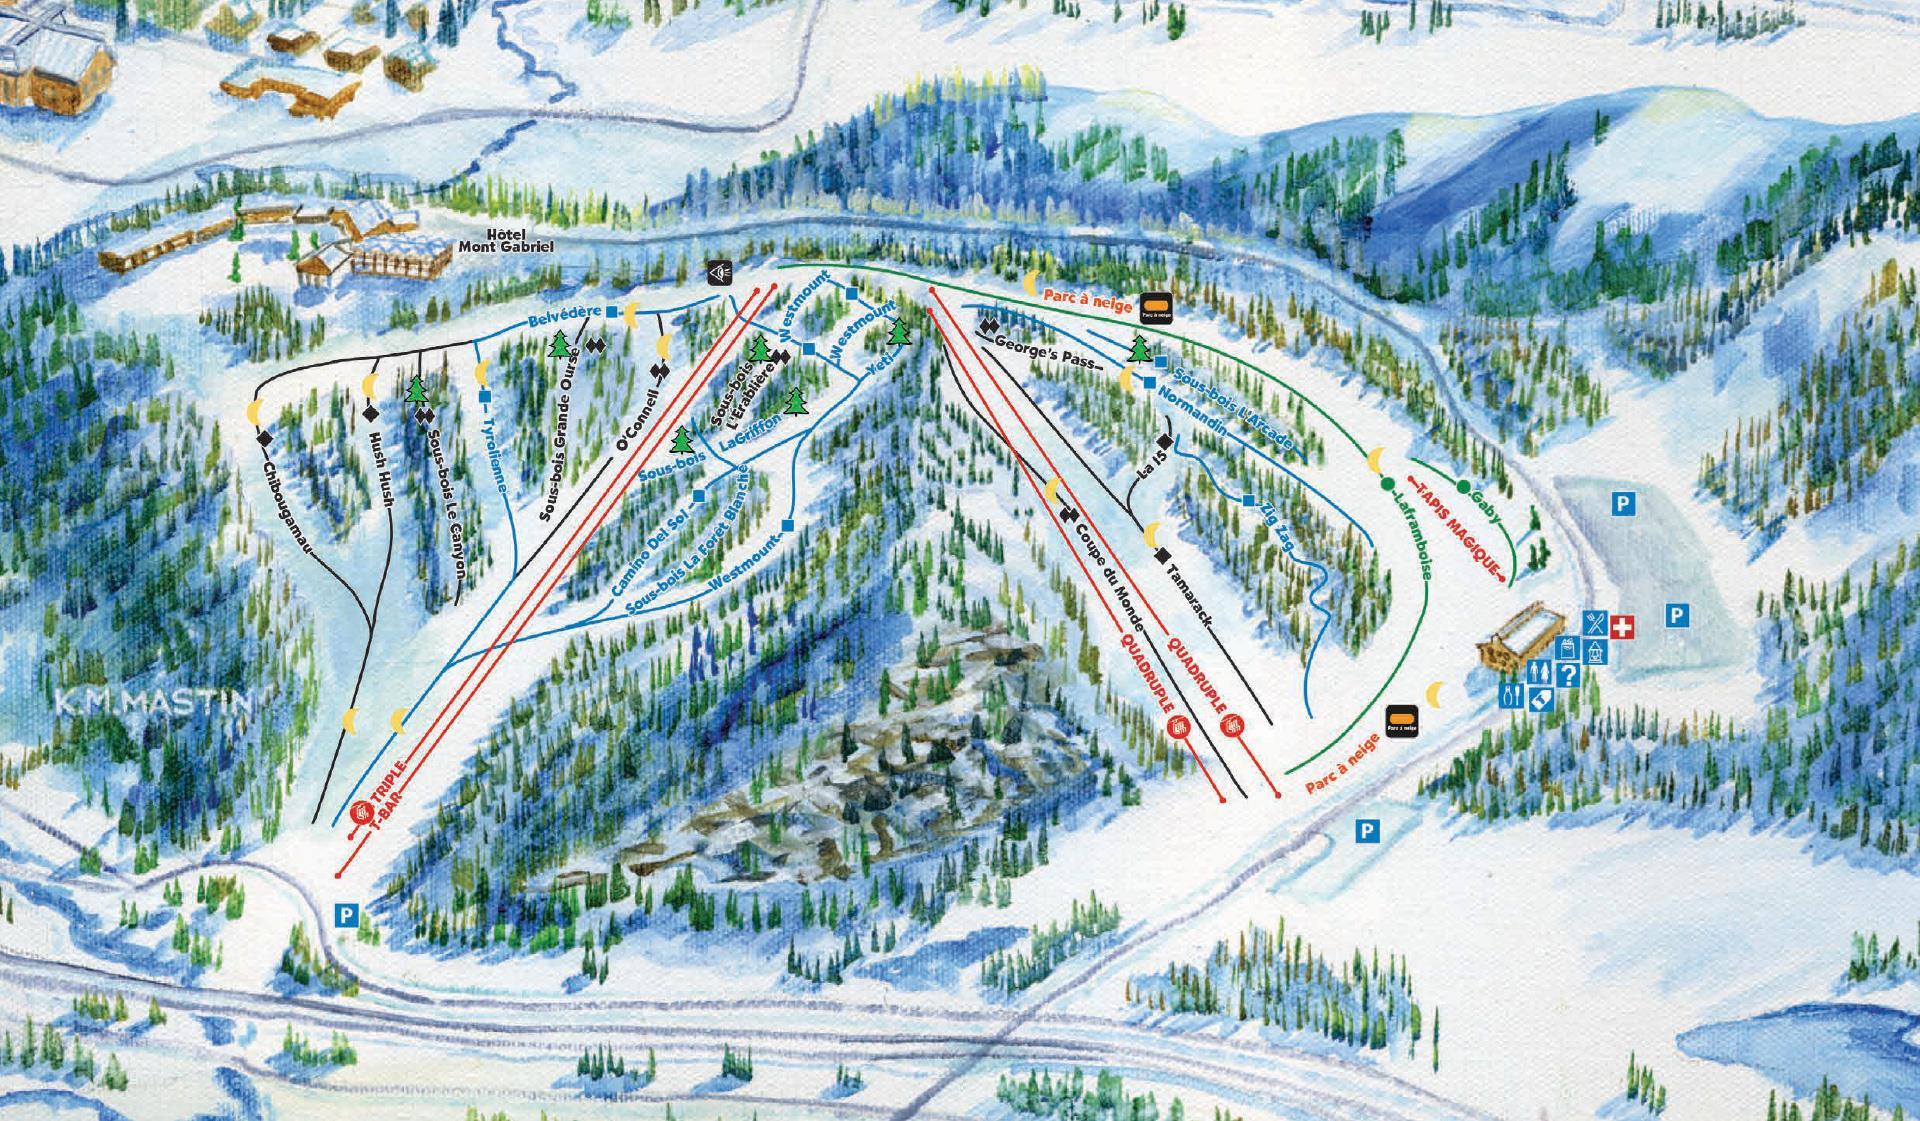 Mont Gabriel Piste / Trail Map